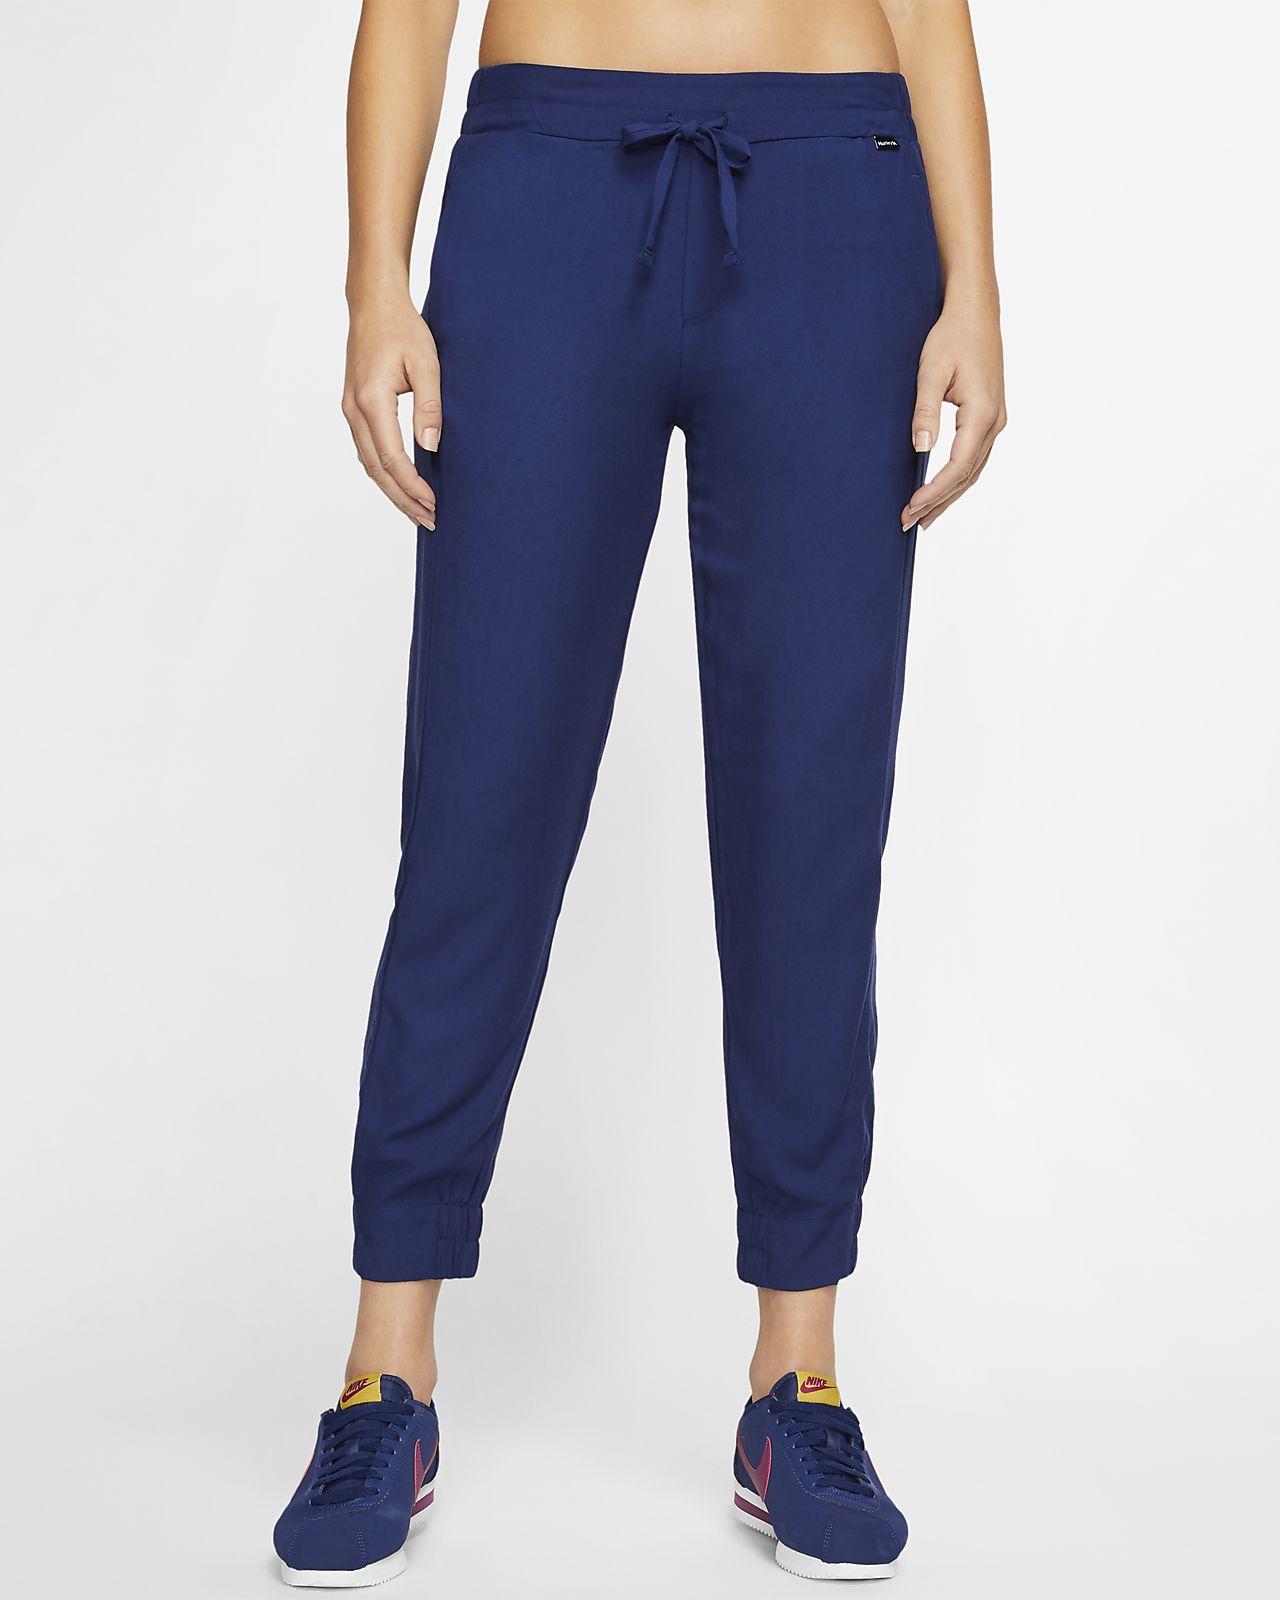 Pantalones para mujer Hurley Beach